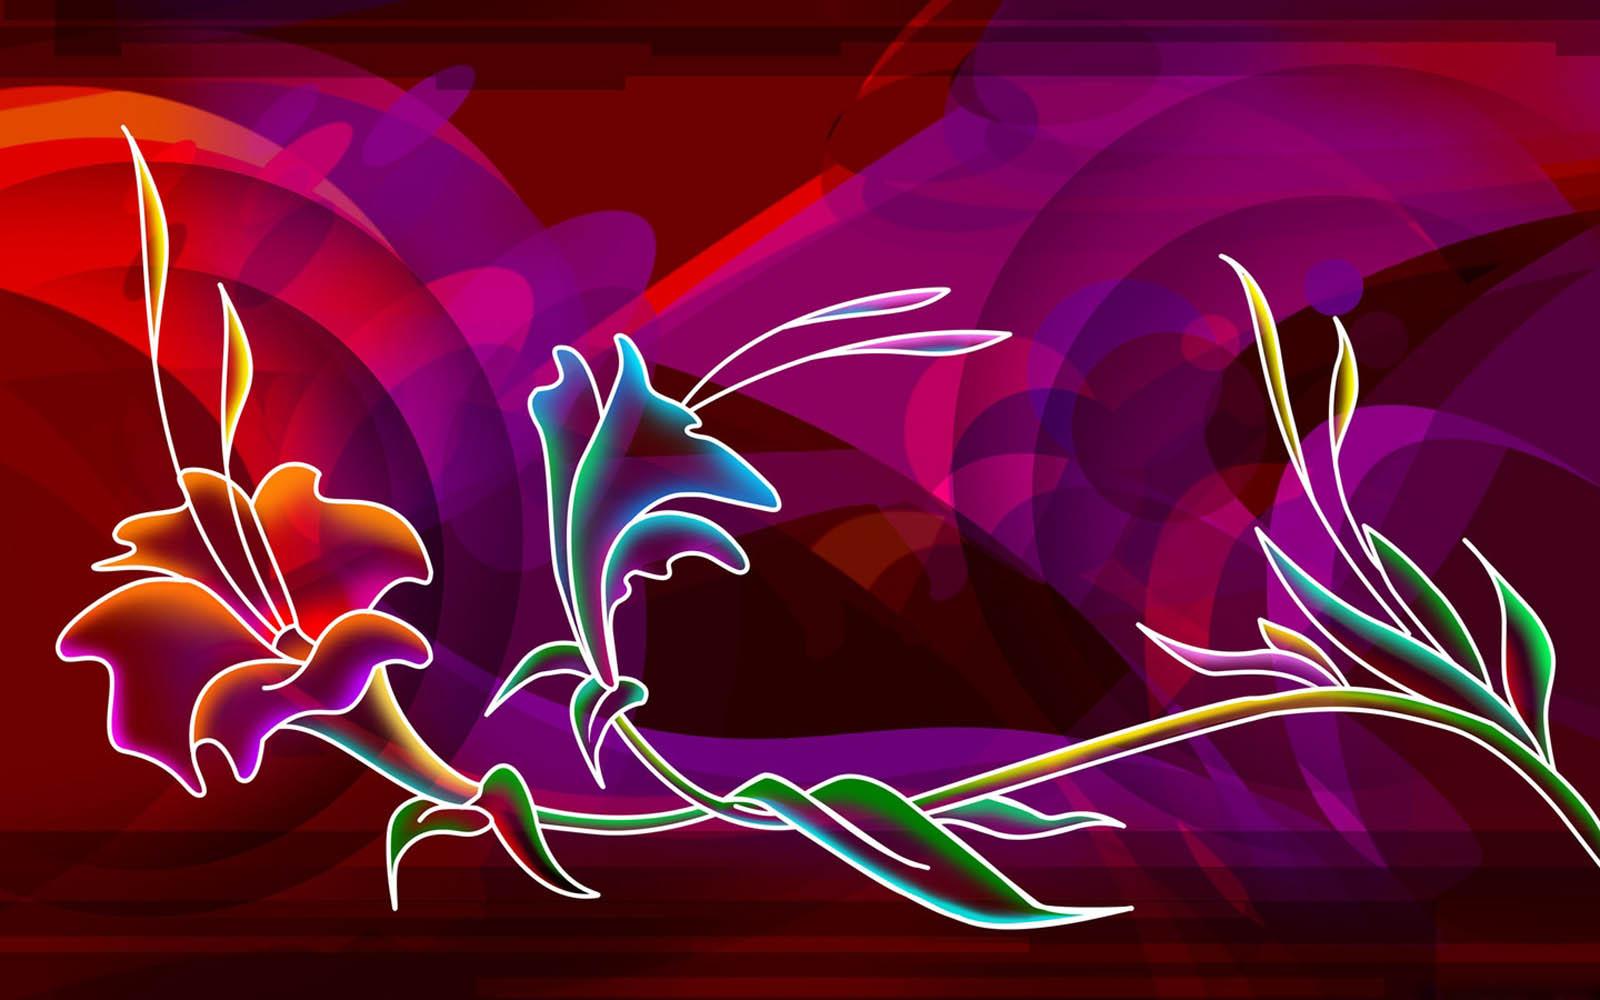 neon art wallpapers 01